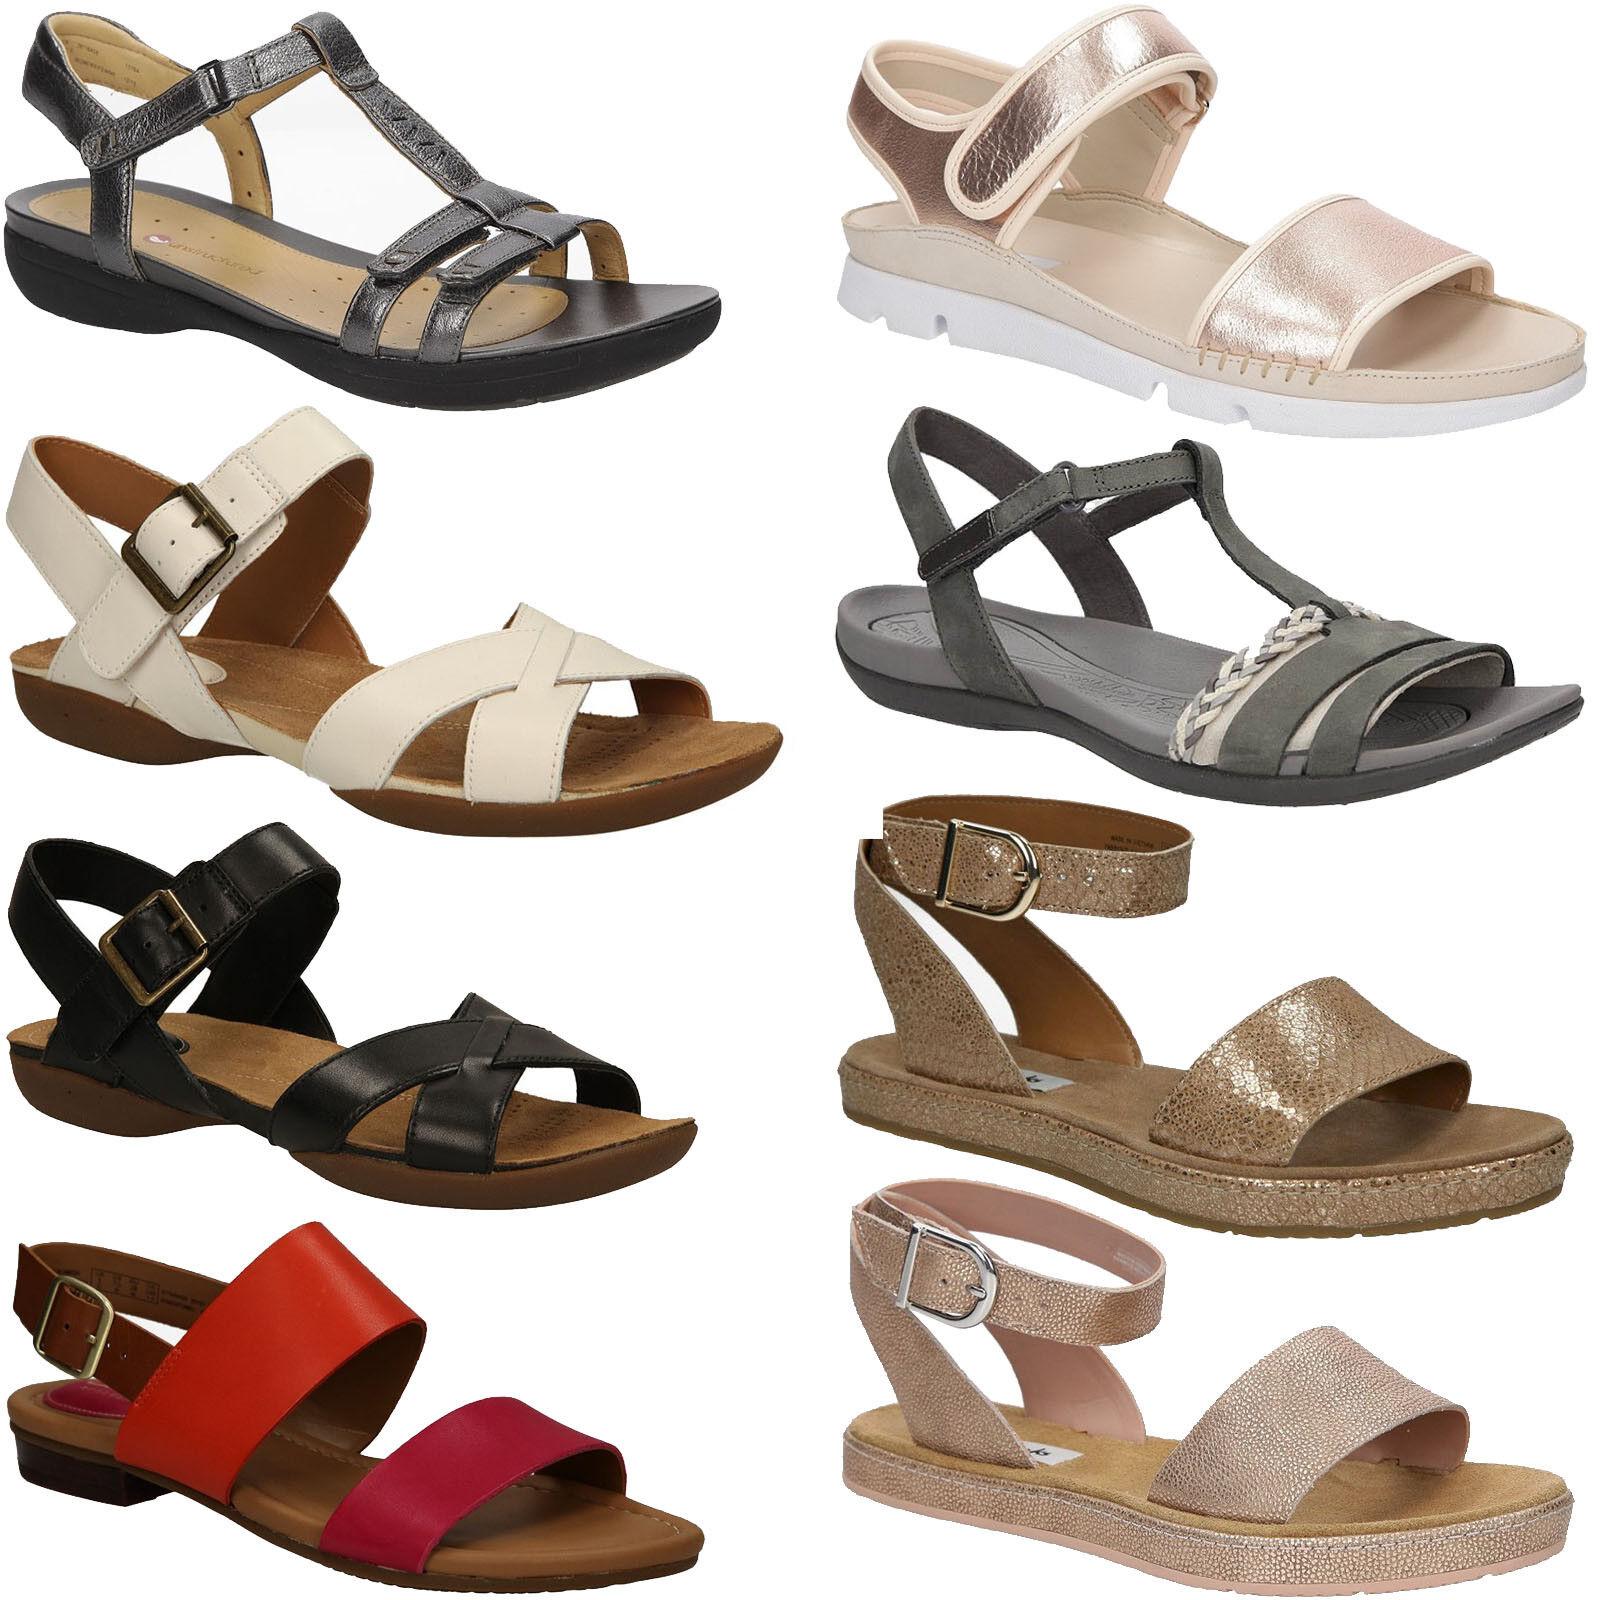 Damen Sandale Clarks 26123897 Sandaleetten Schuhe Flach Sommer Gr. 36-41 SALE